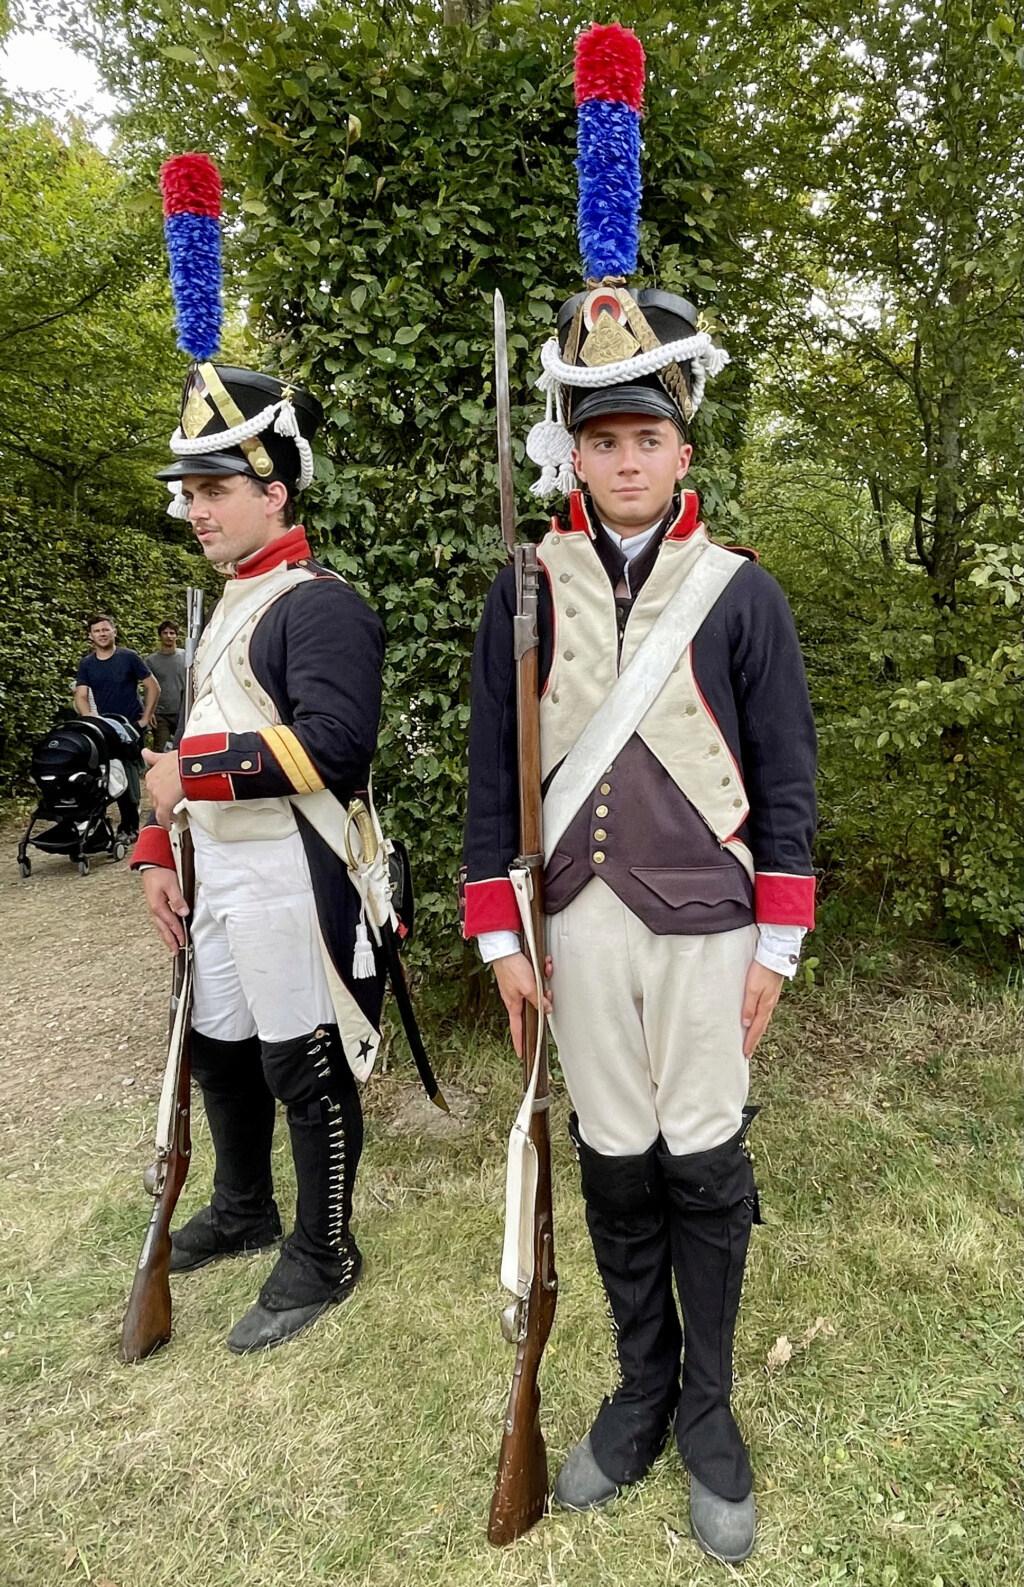 Les 11 et 12 septembre 2021 :  Napoléon à Versailles Fb69a210